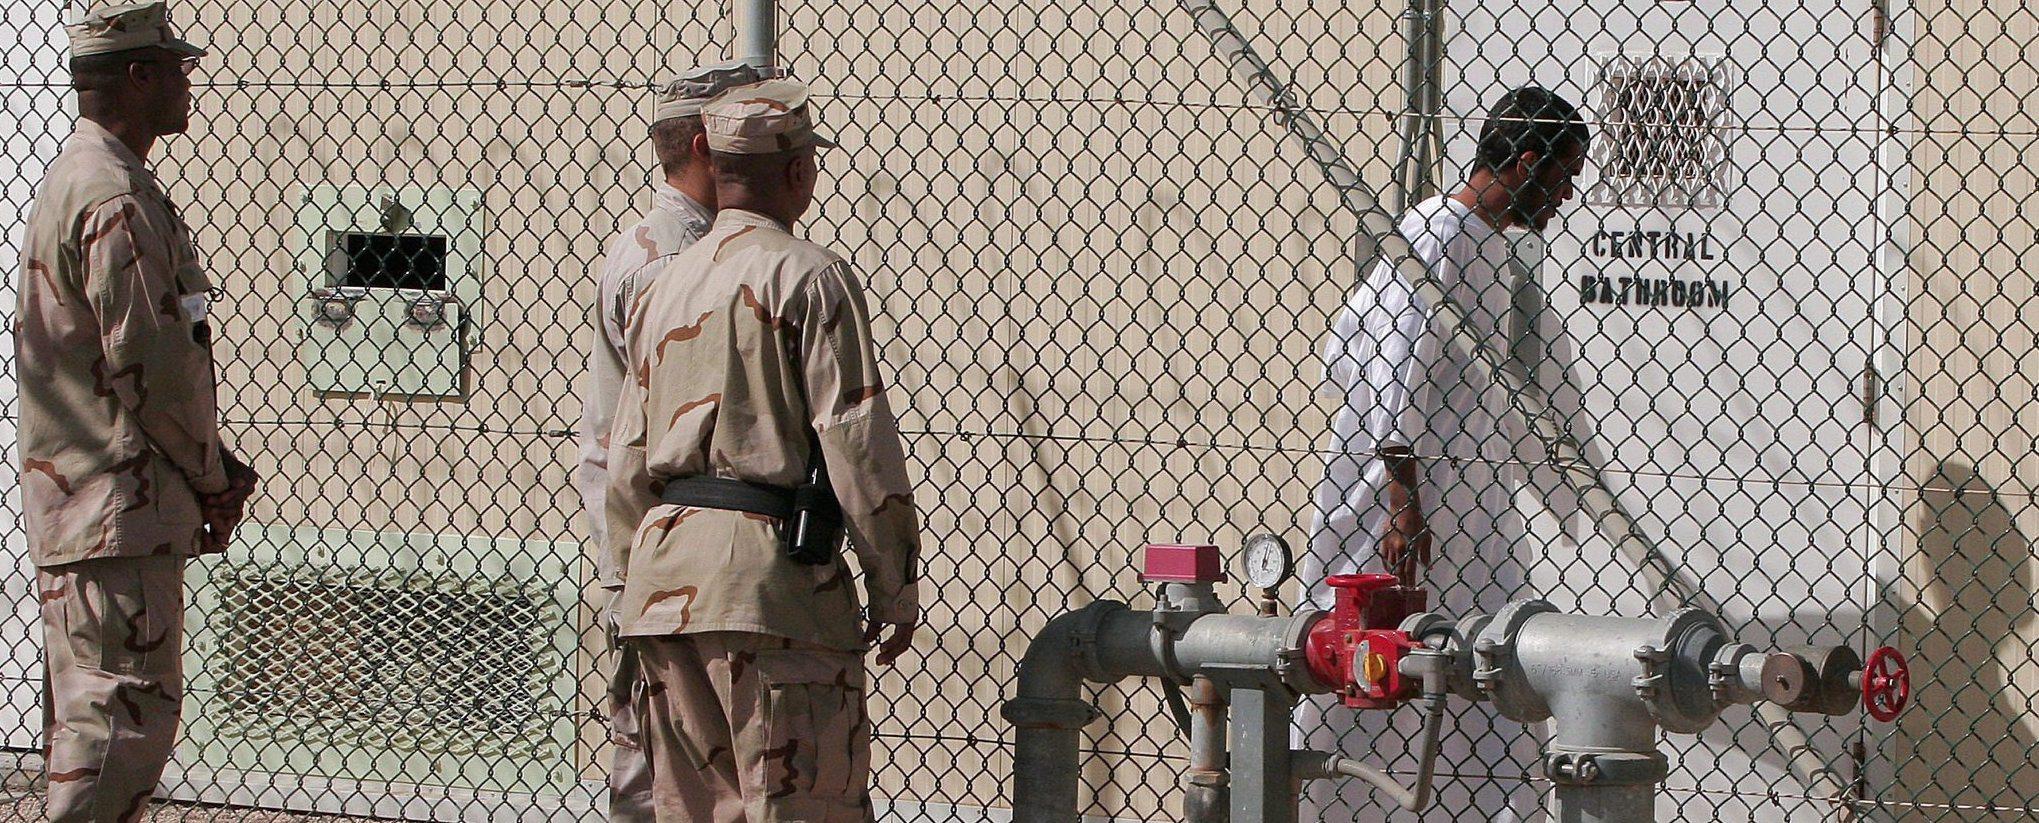 Un'immagine della prigione di Guantanamo